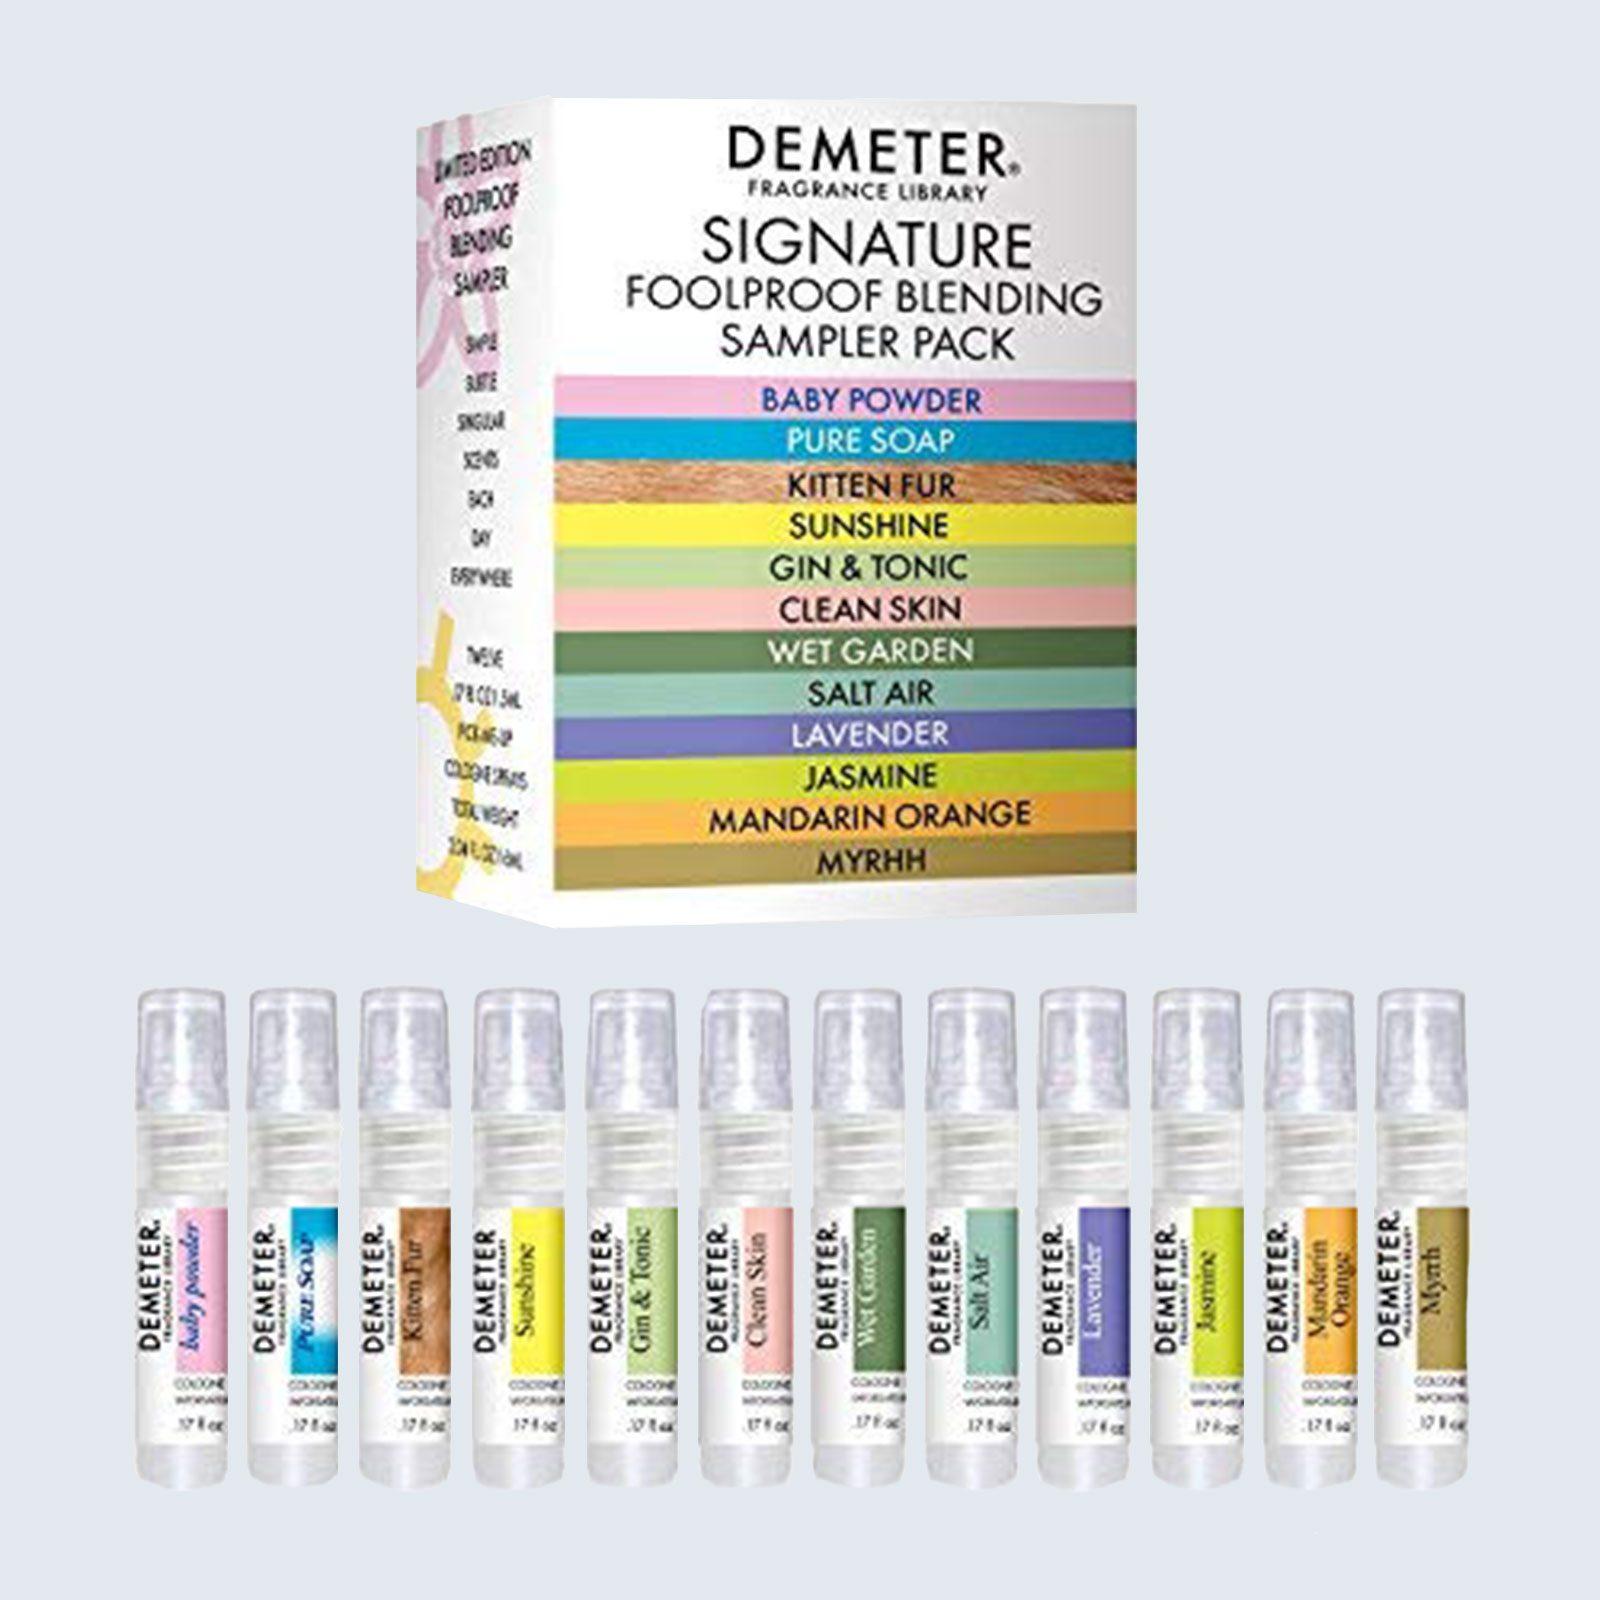 Demeter Fragrance Library Signature Blending Sampler Set